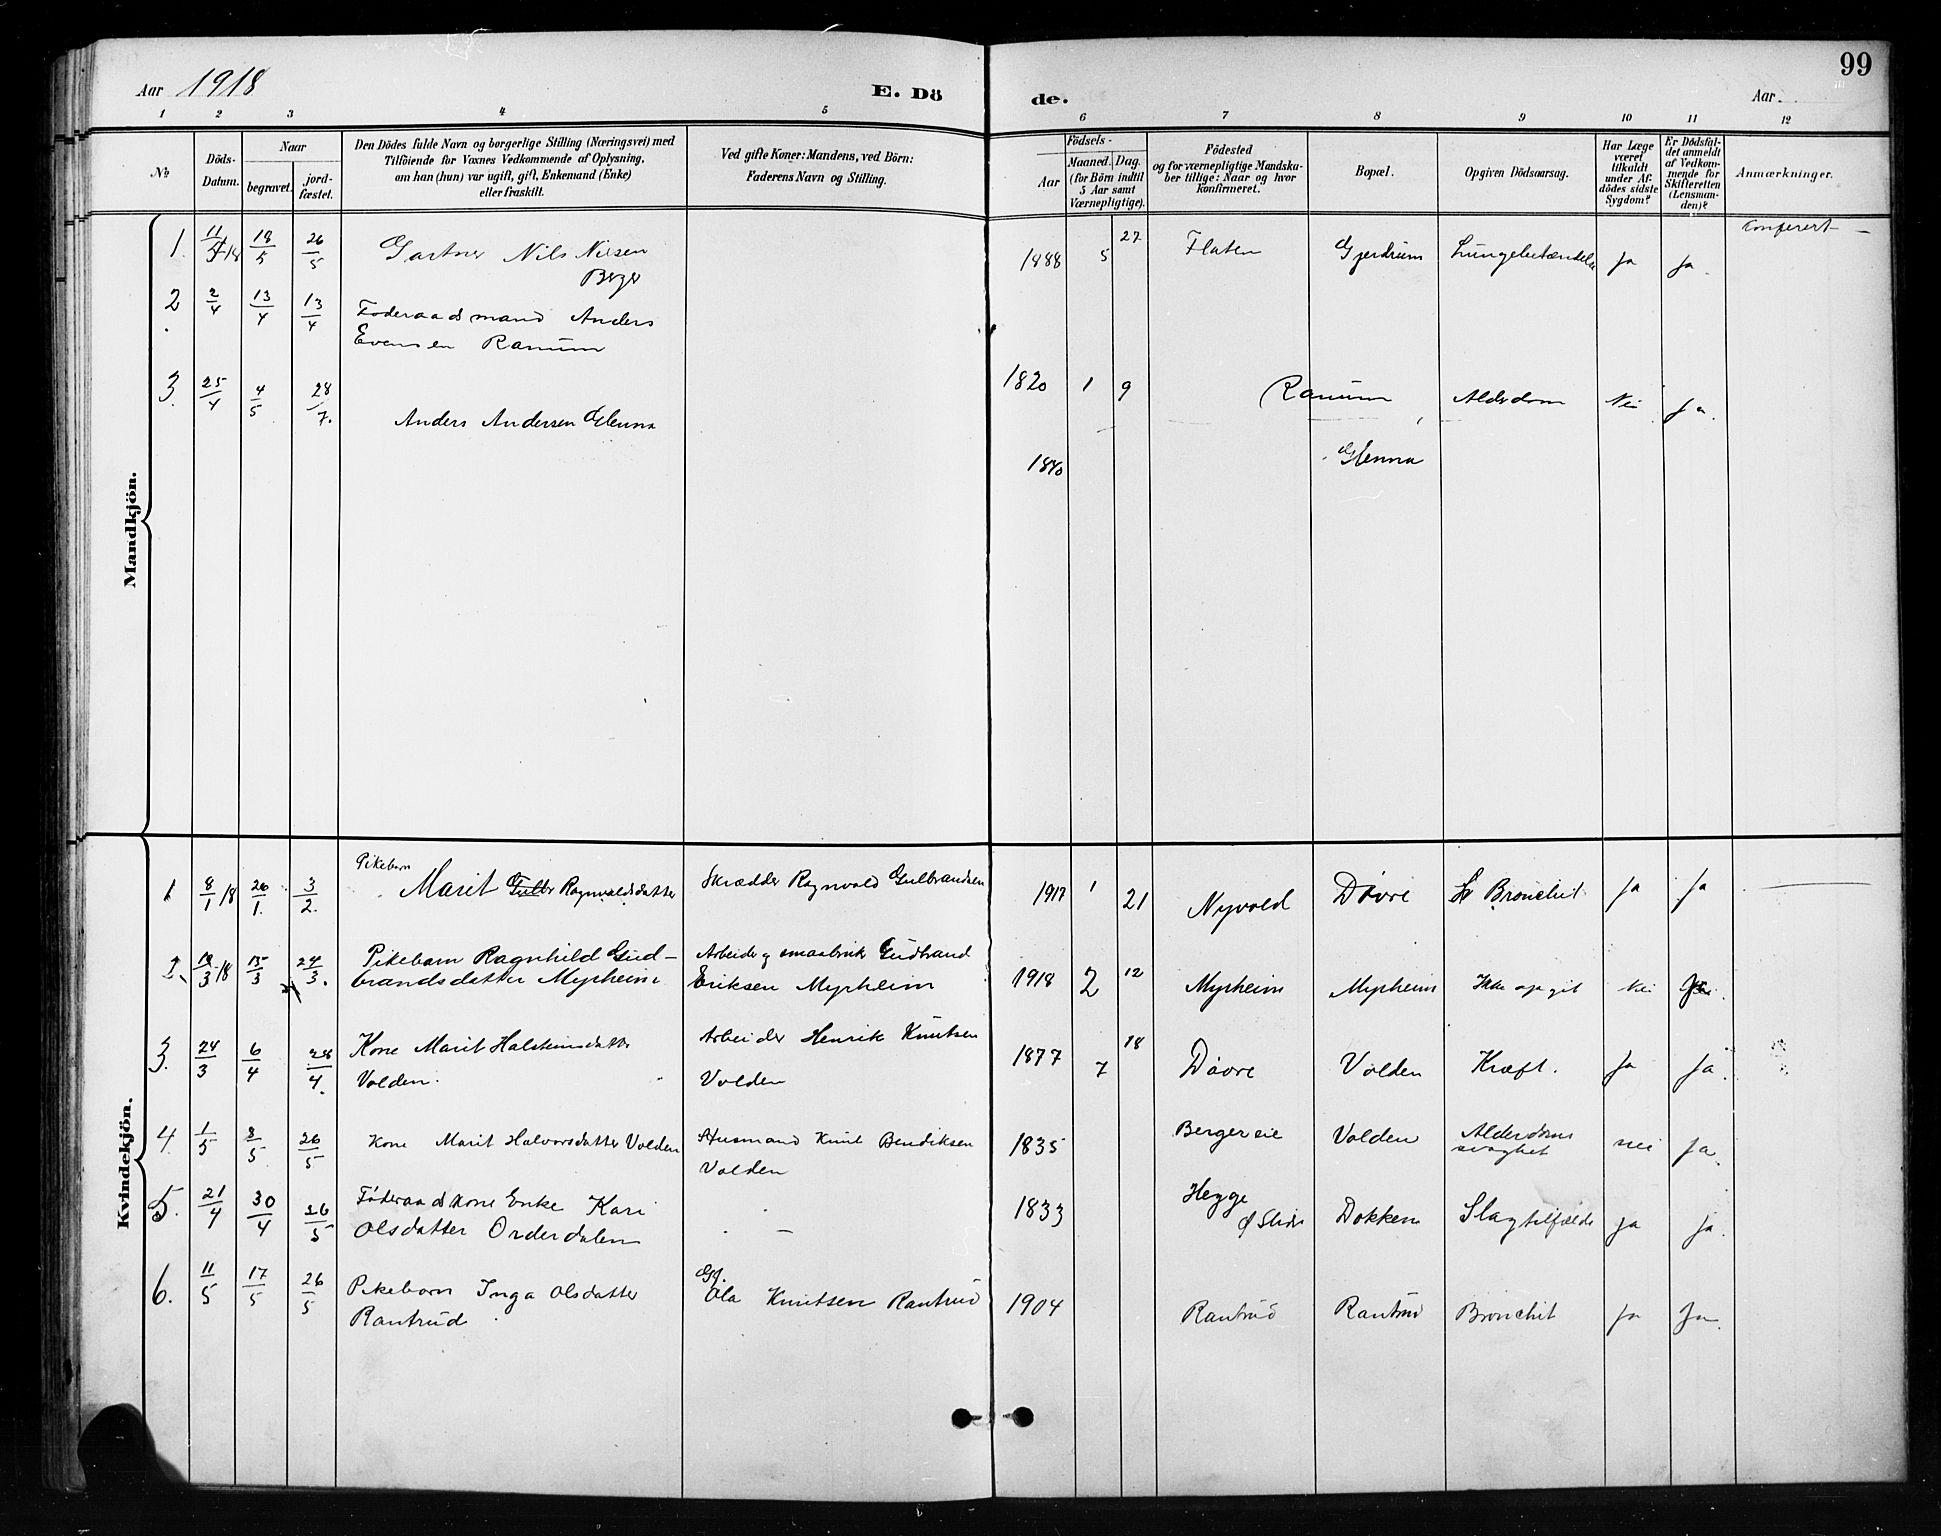 SAH, Nord-Aurdal prestekontor, Klokkerbok nr. 11, 1897-1918, s. 99